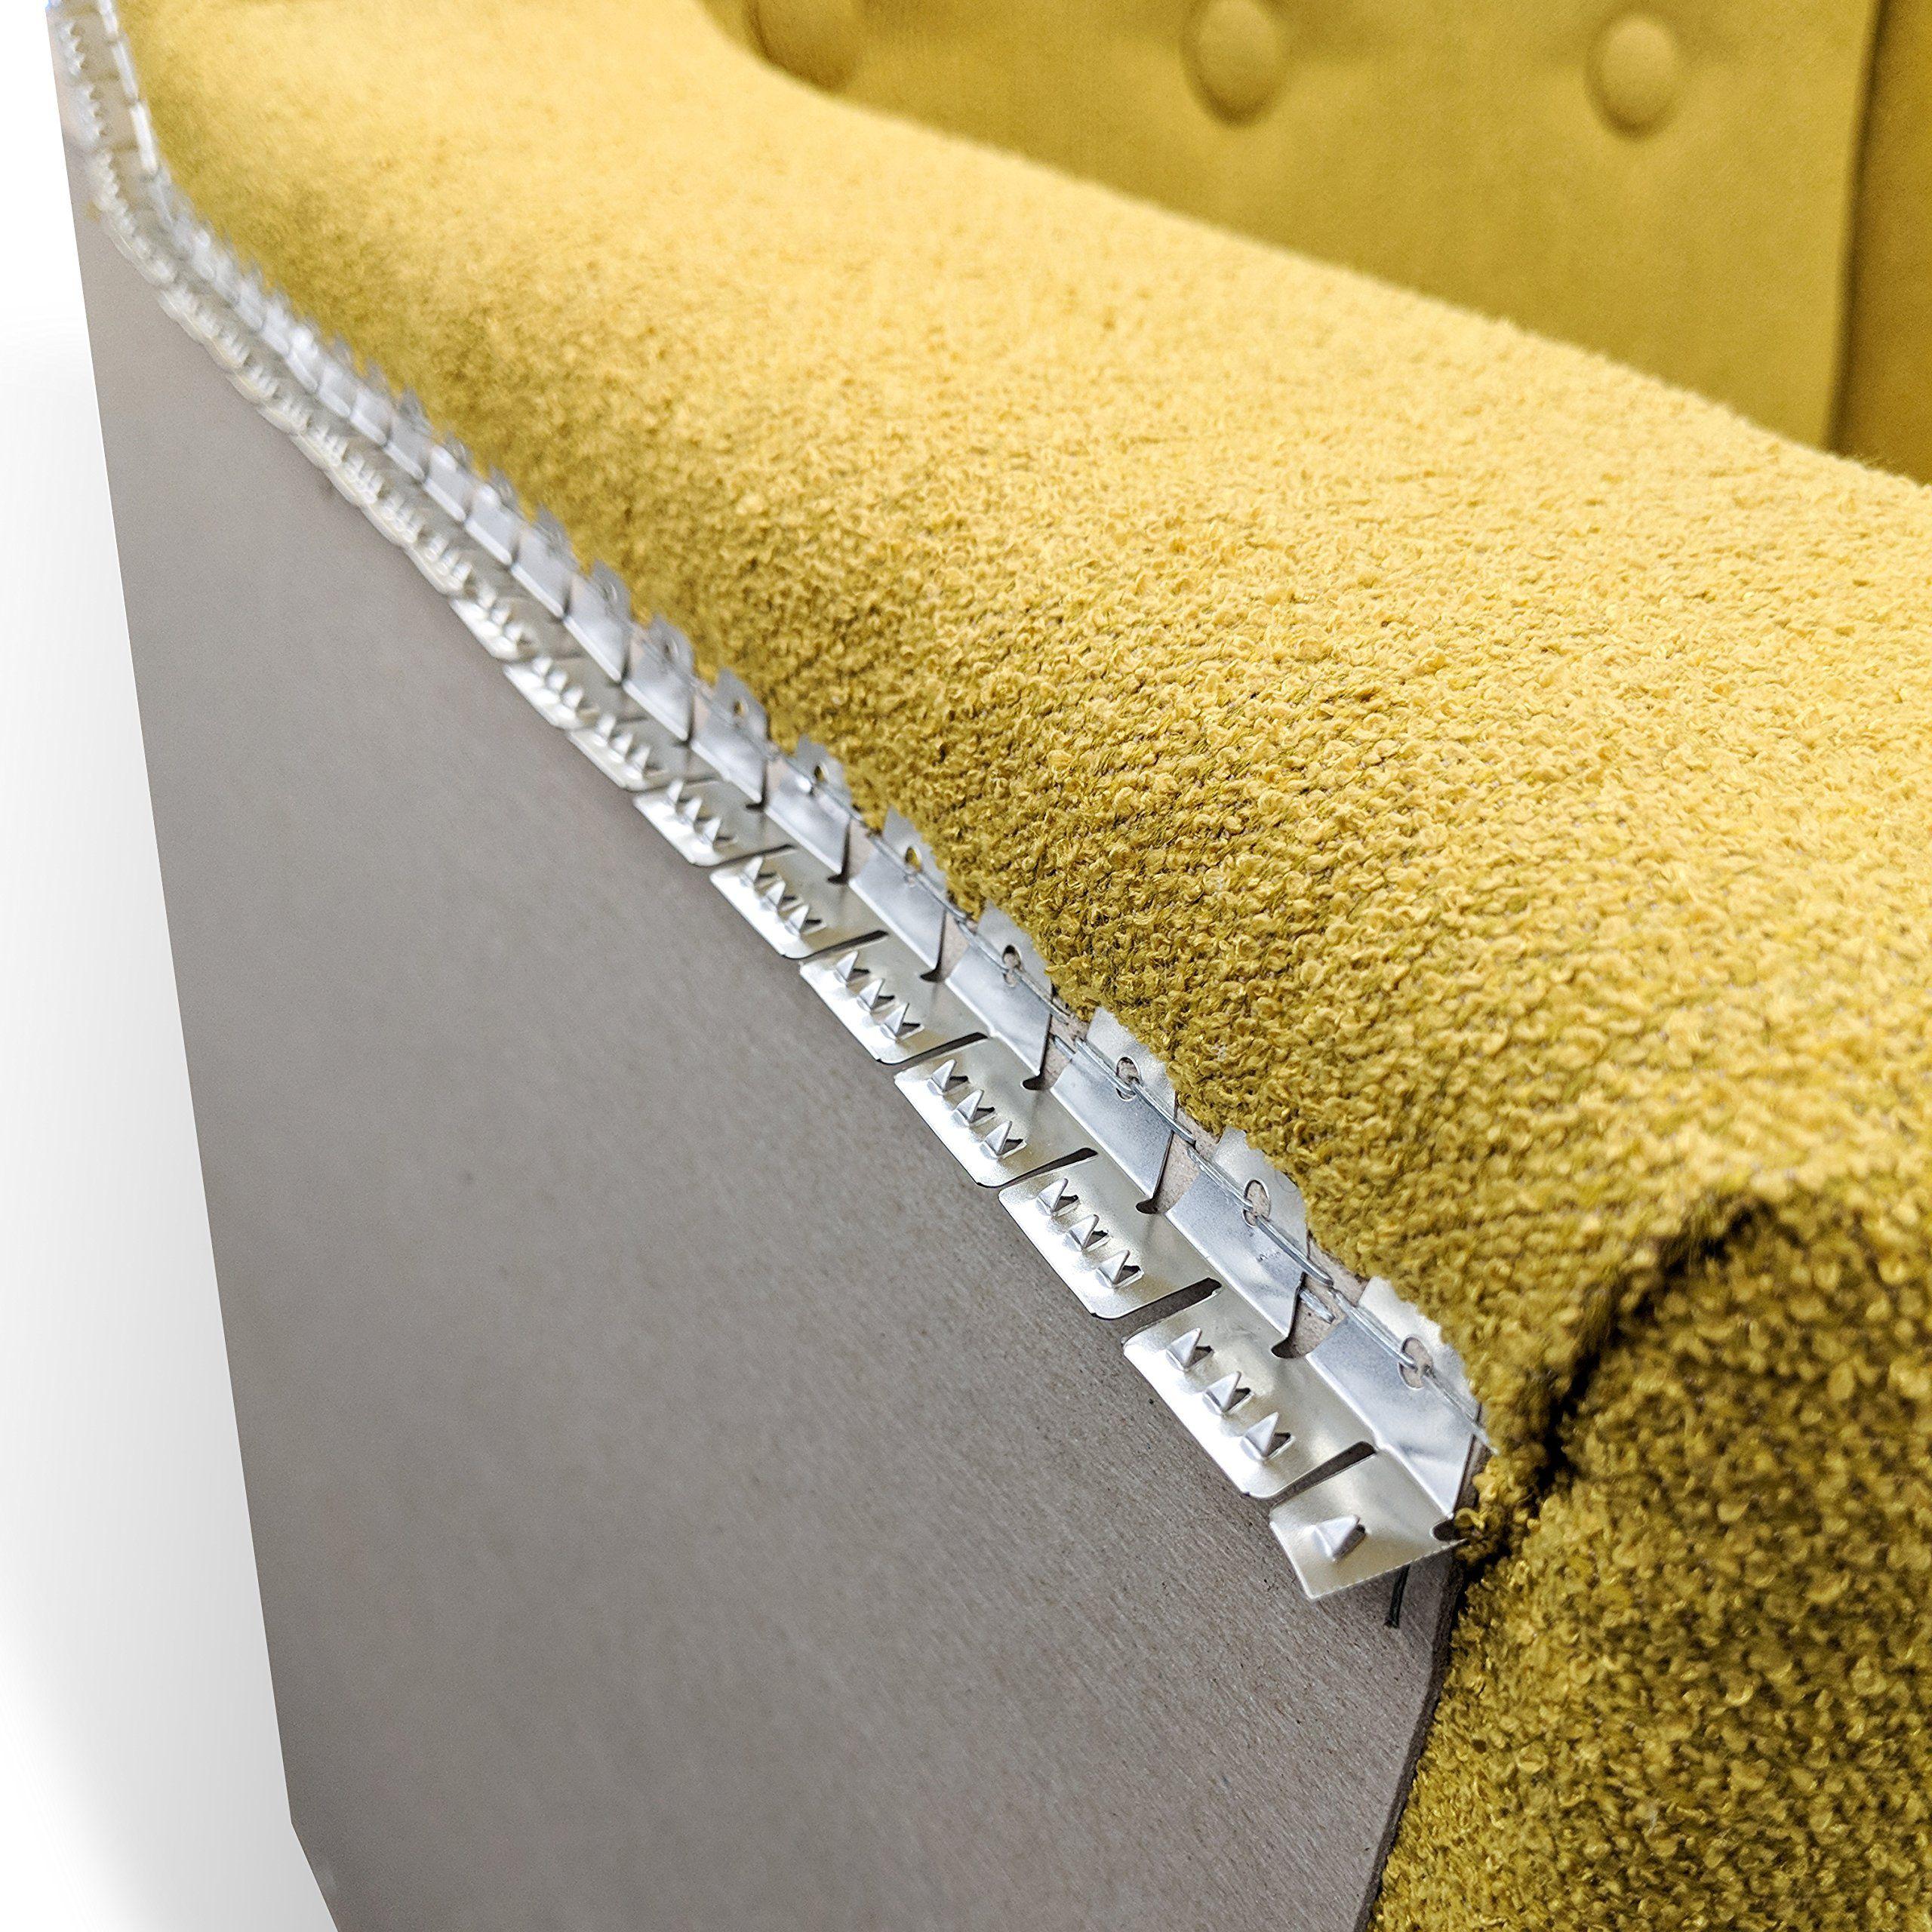 The Sofa Source Flex Grip Curve Ease